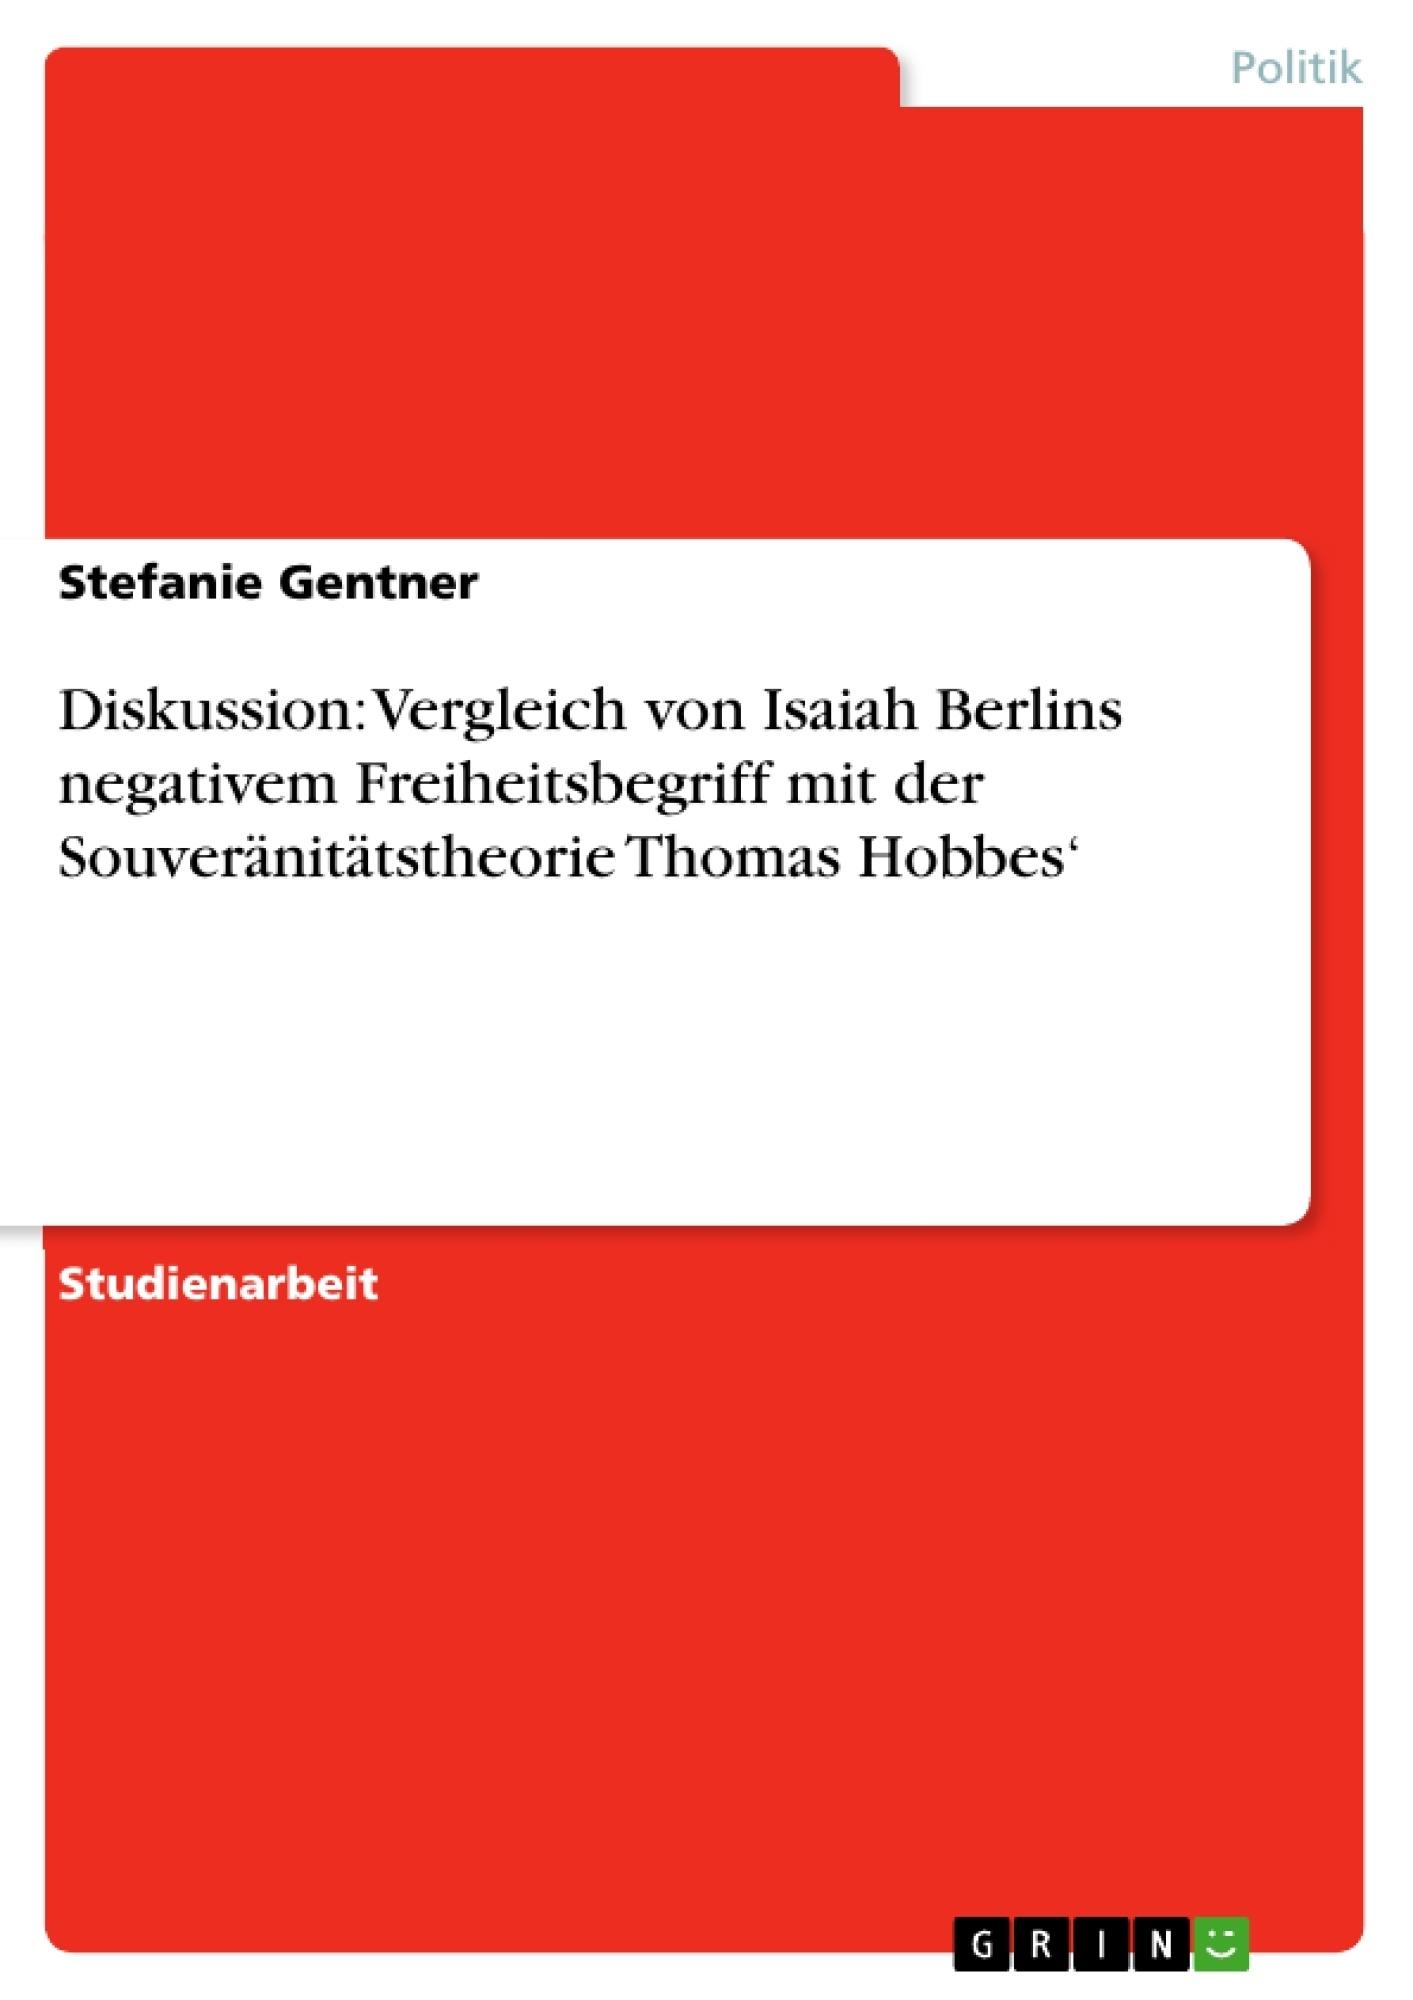 Titel: Diskussion: Vergleich von Isaiah Berlins negativem Freiheitsbegriff mit der Souveränitätstheorie Thomas Hobbes'